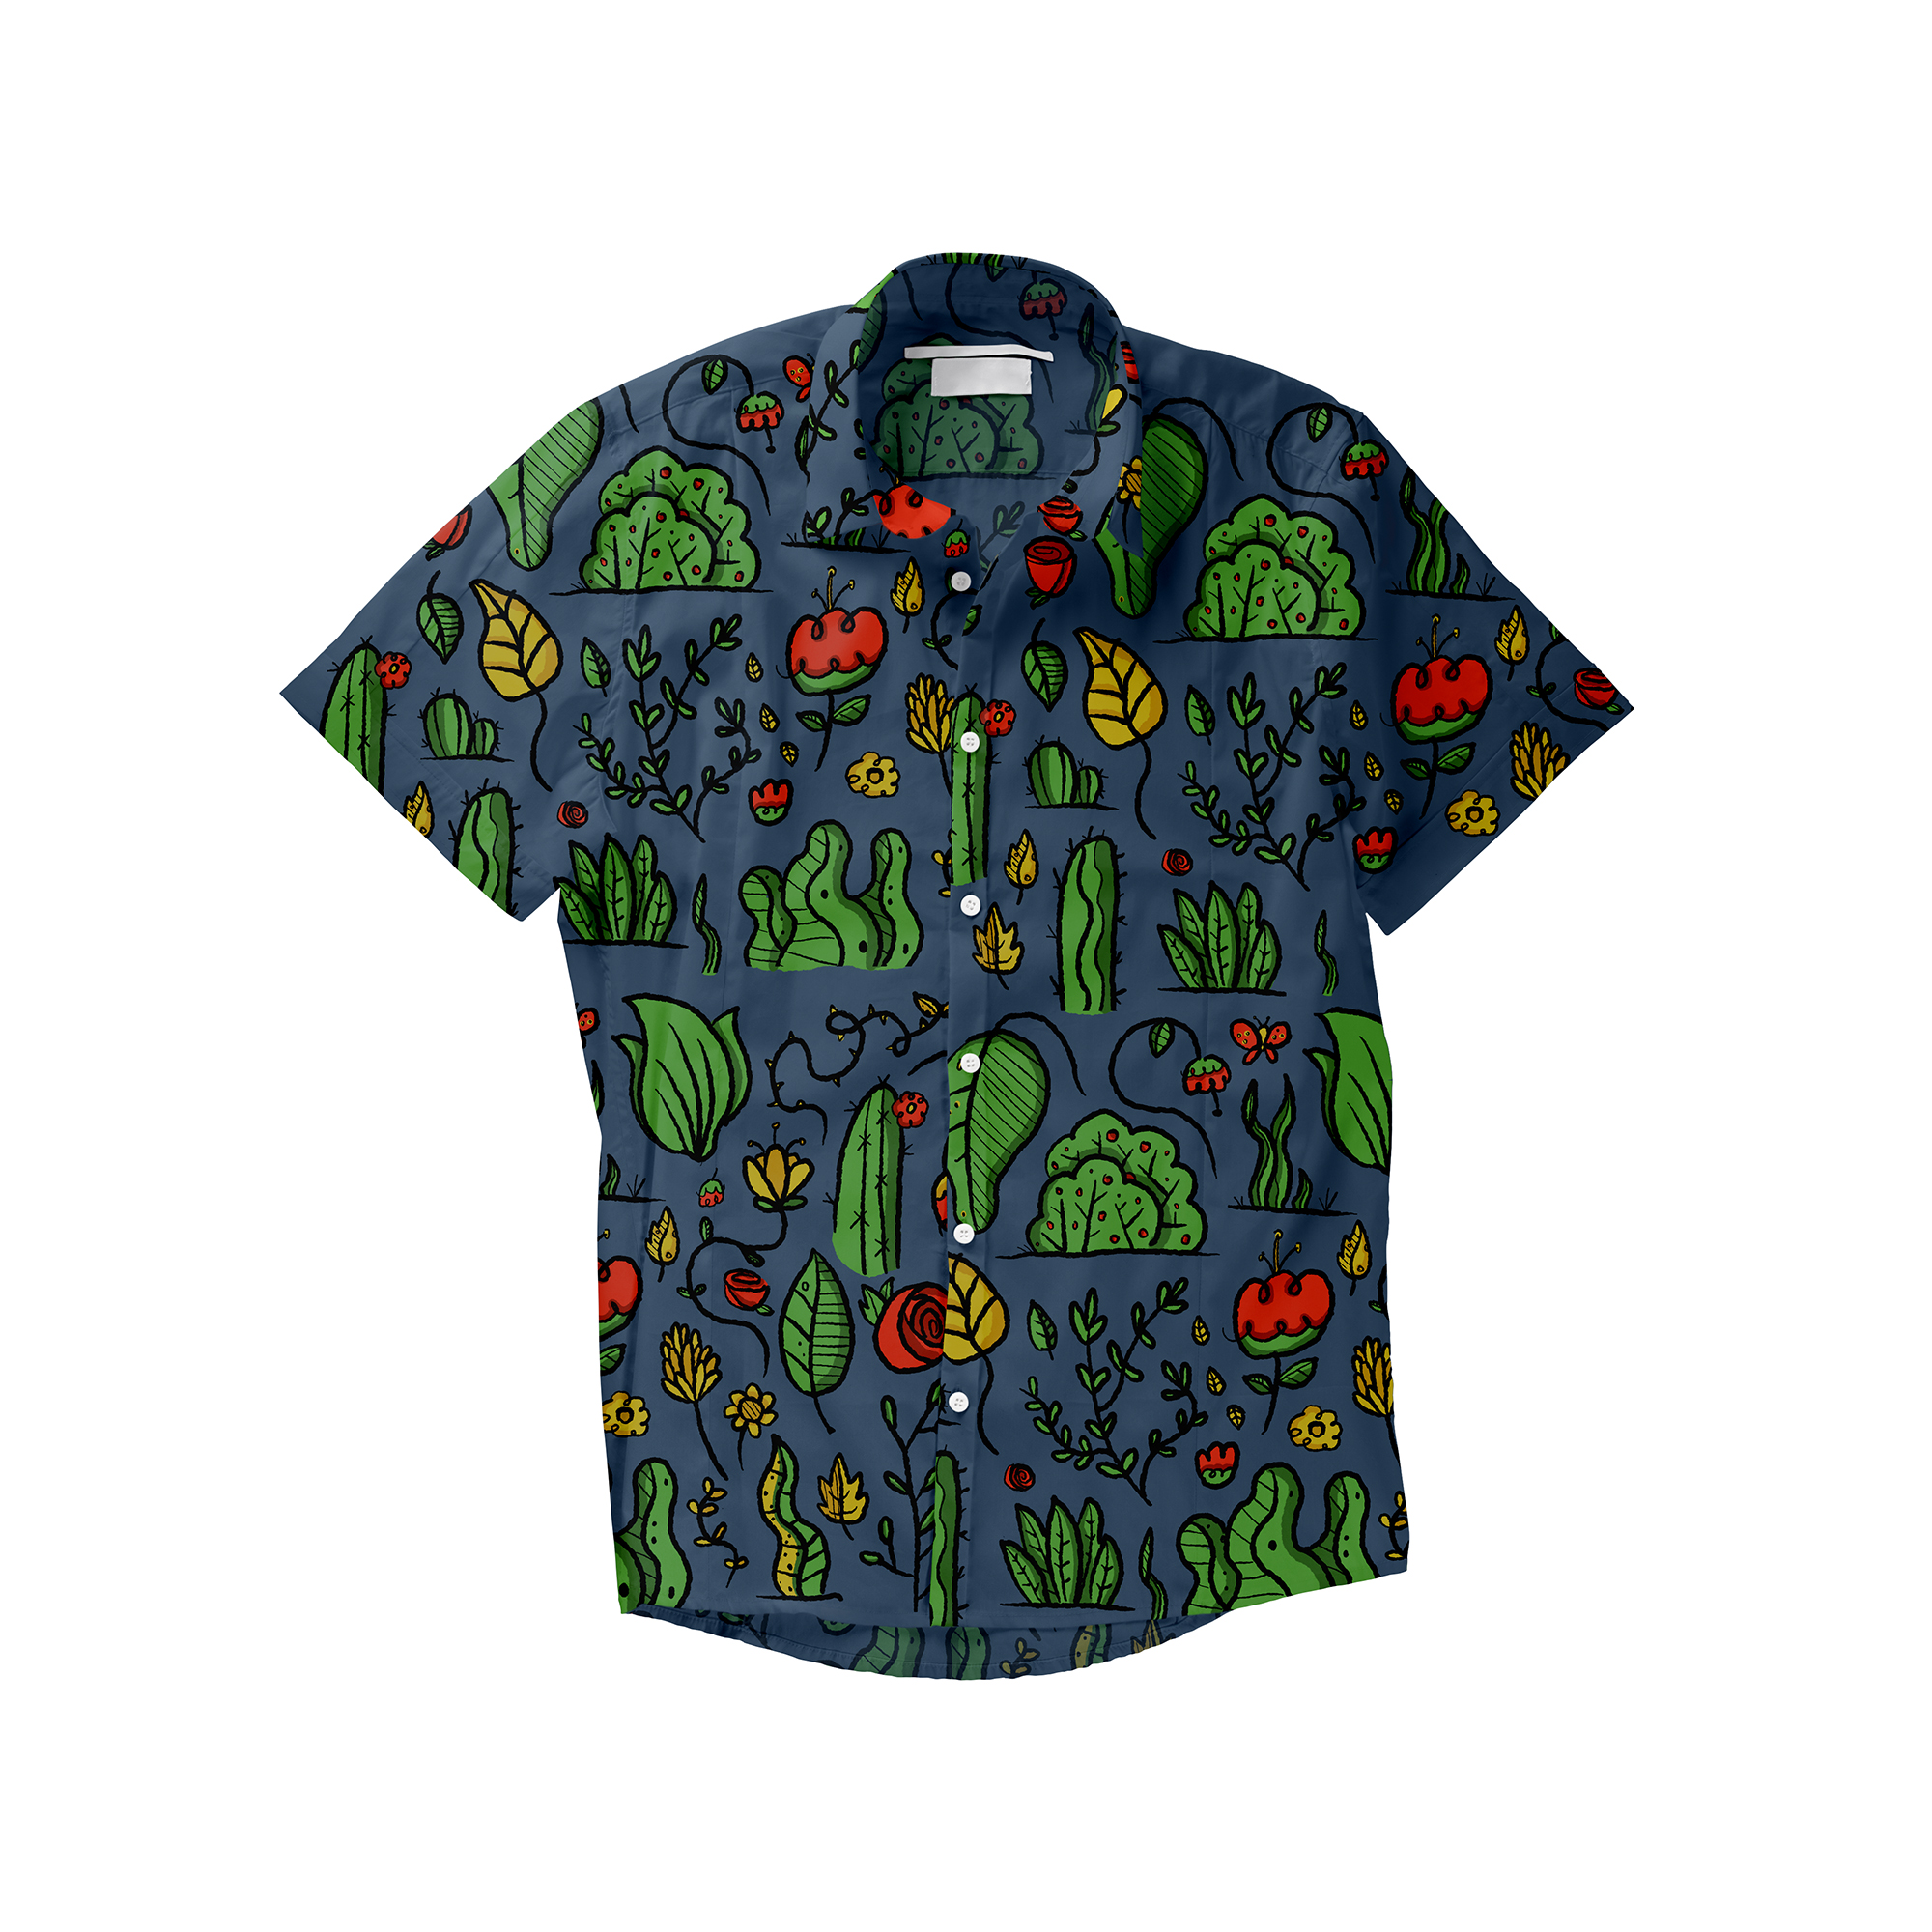 shirt_4.jpg